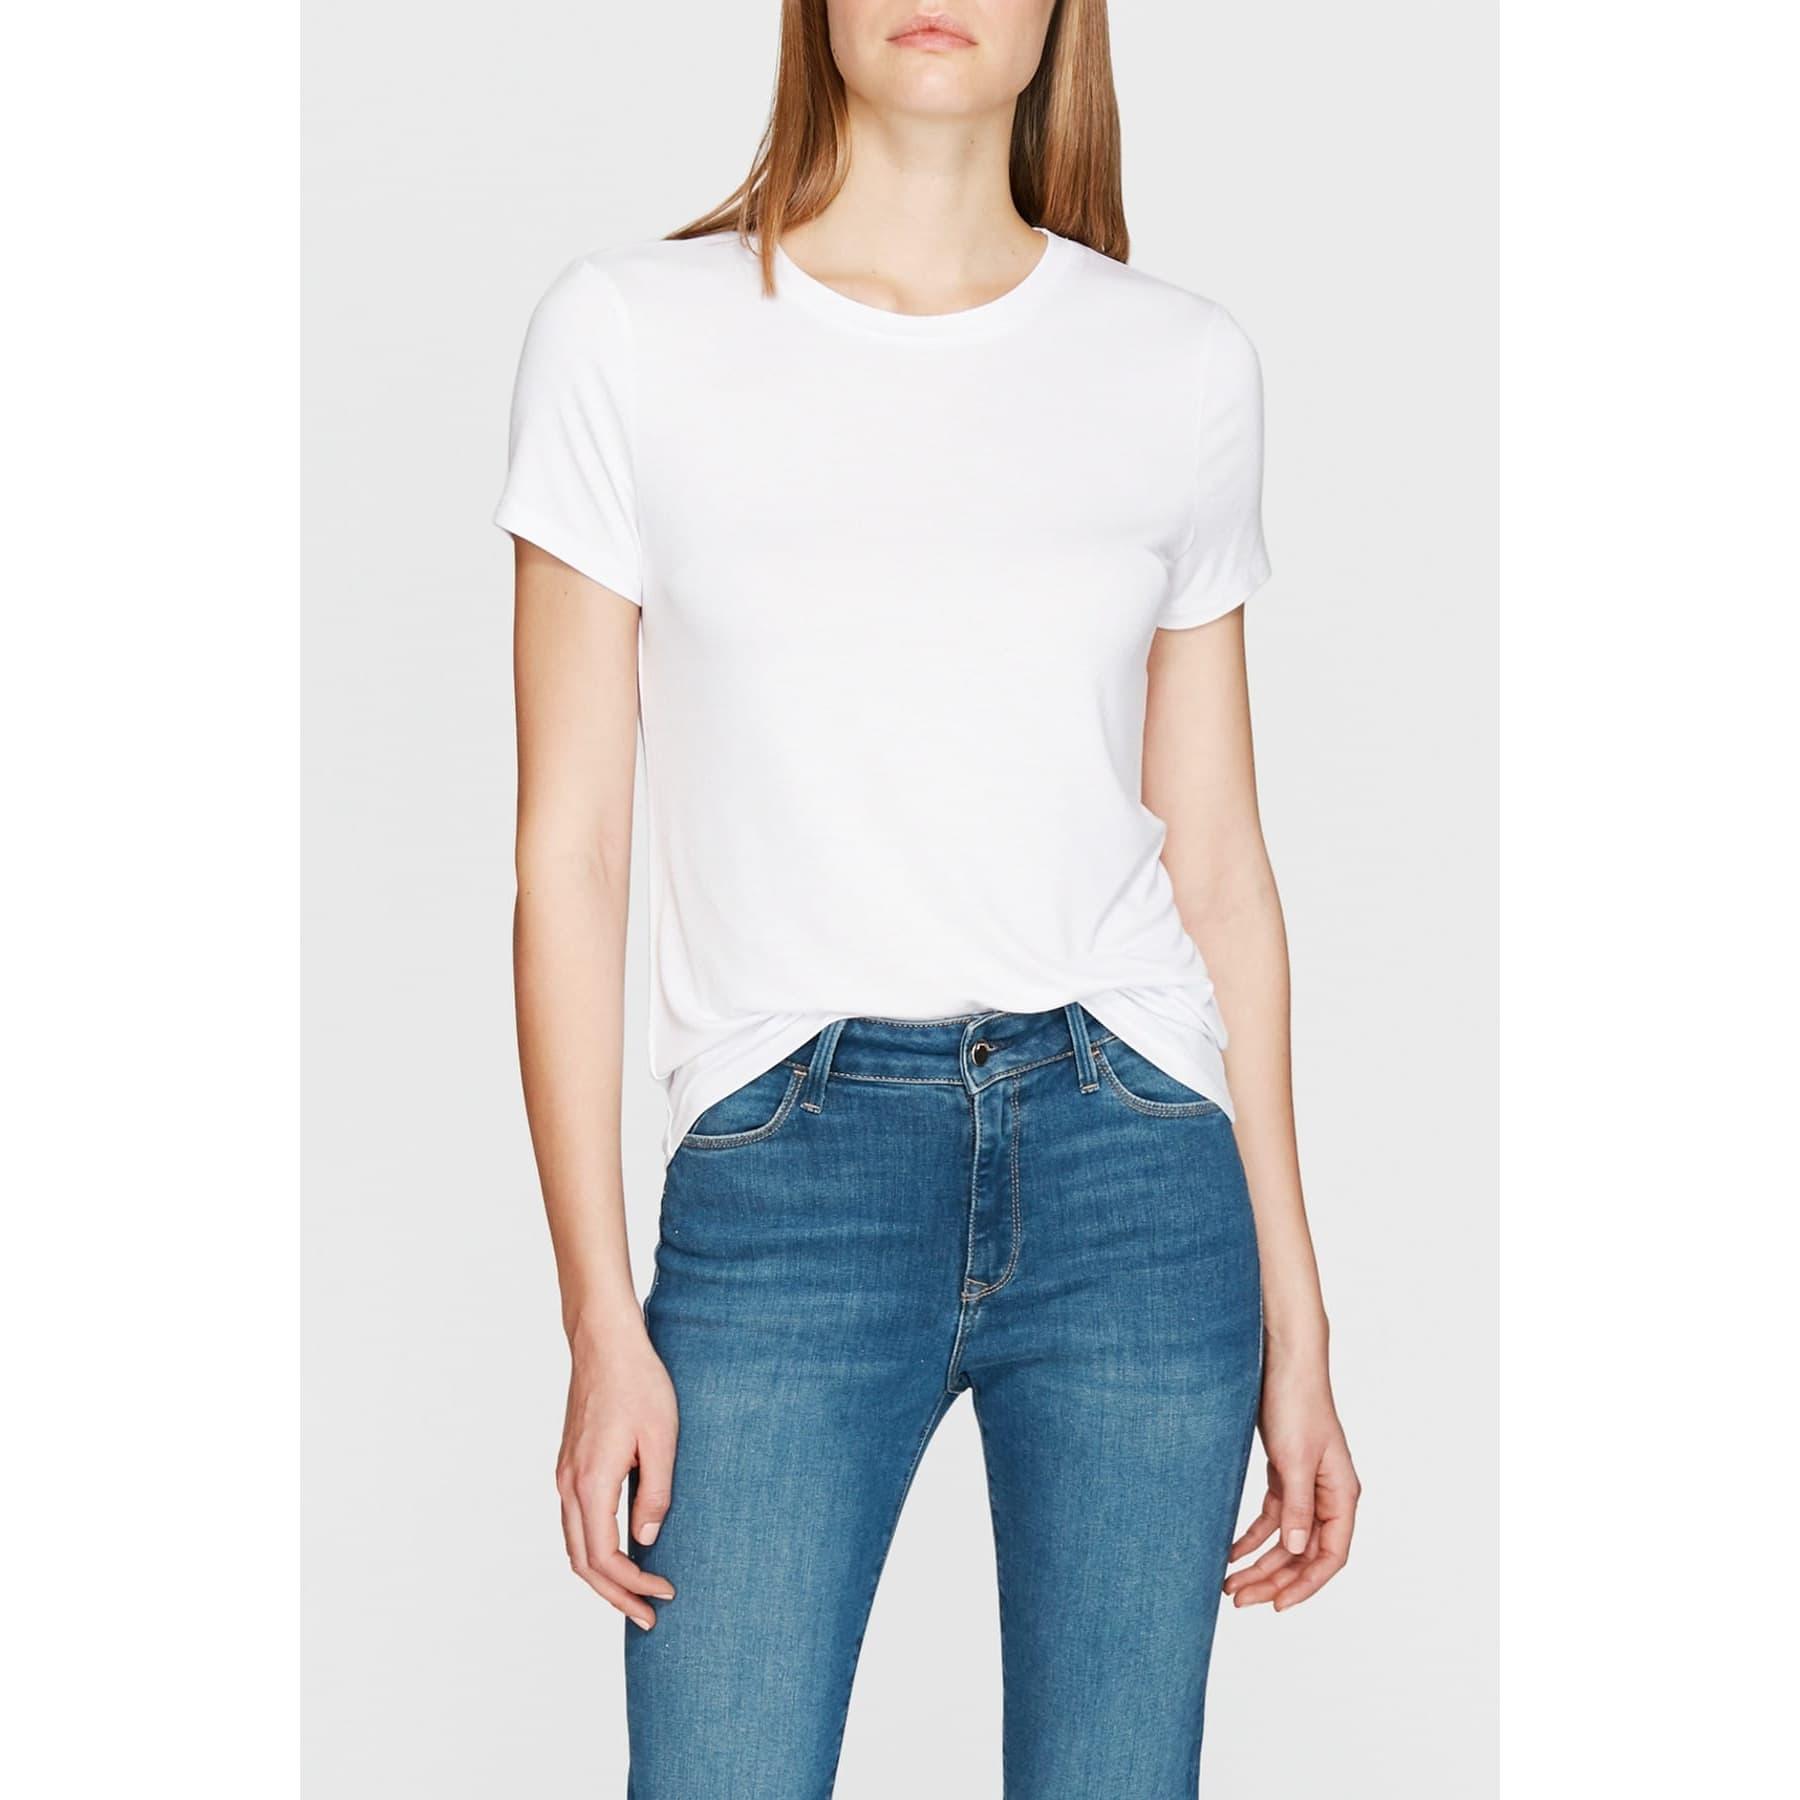 Mavi Bisiklet Yaka Kadın Düz Beyaz Tişört